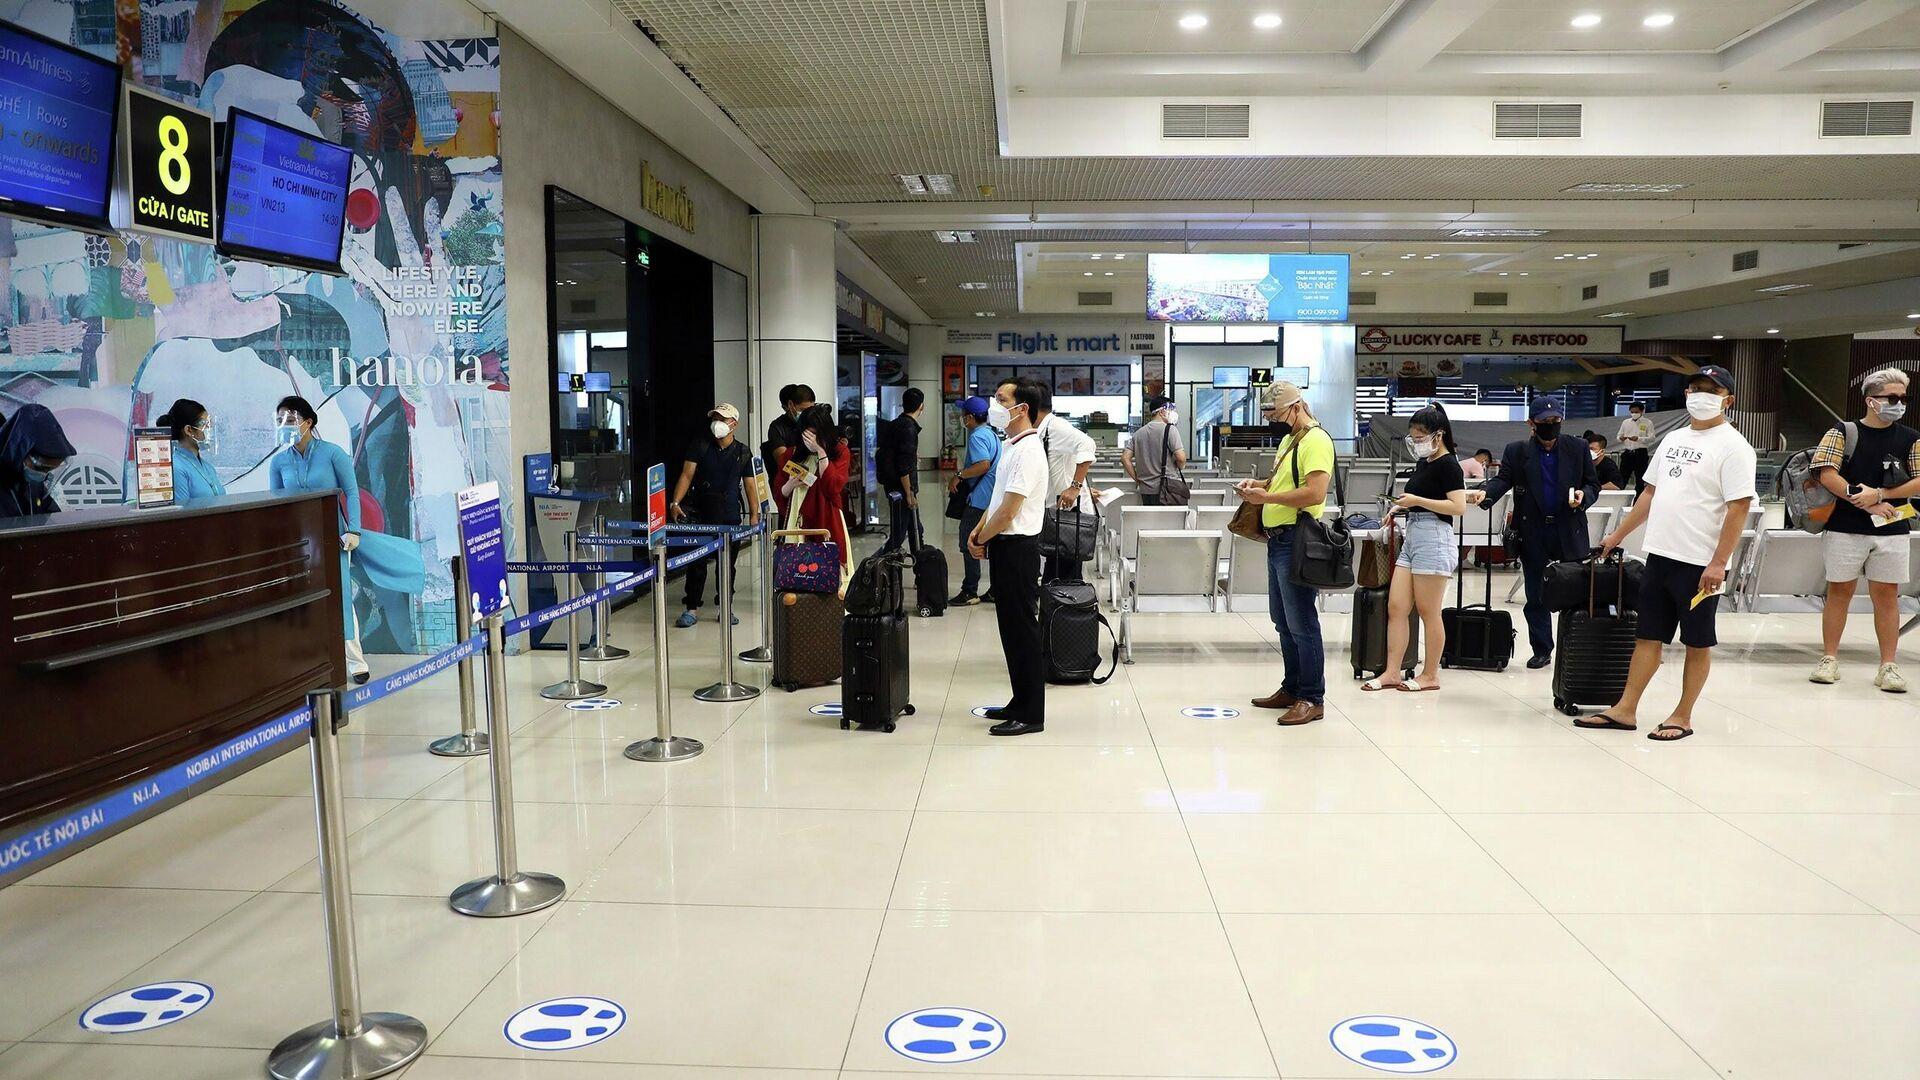 Chính thức mở lại chuyến bay thương mại Hà Nội - Tp Hồ Chí Minh tần suất 1 chuyến khứ hồi/ngày - Sputnik Việt Nam, 1920, 12.10.2021